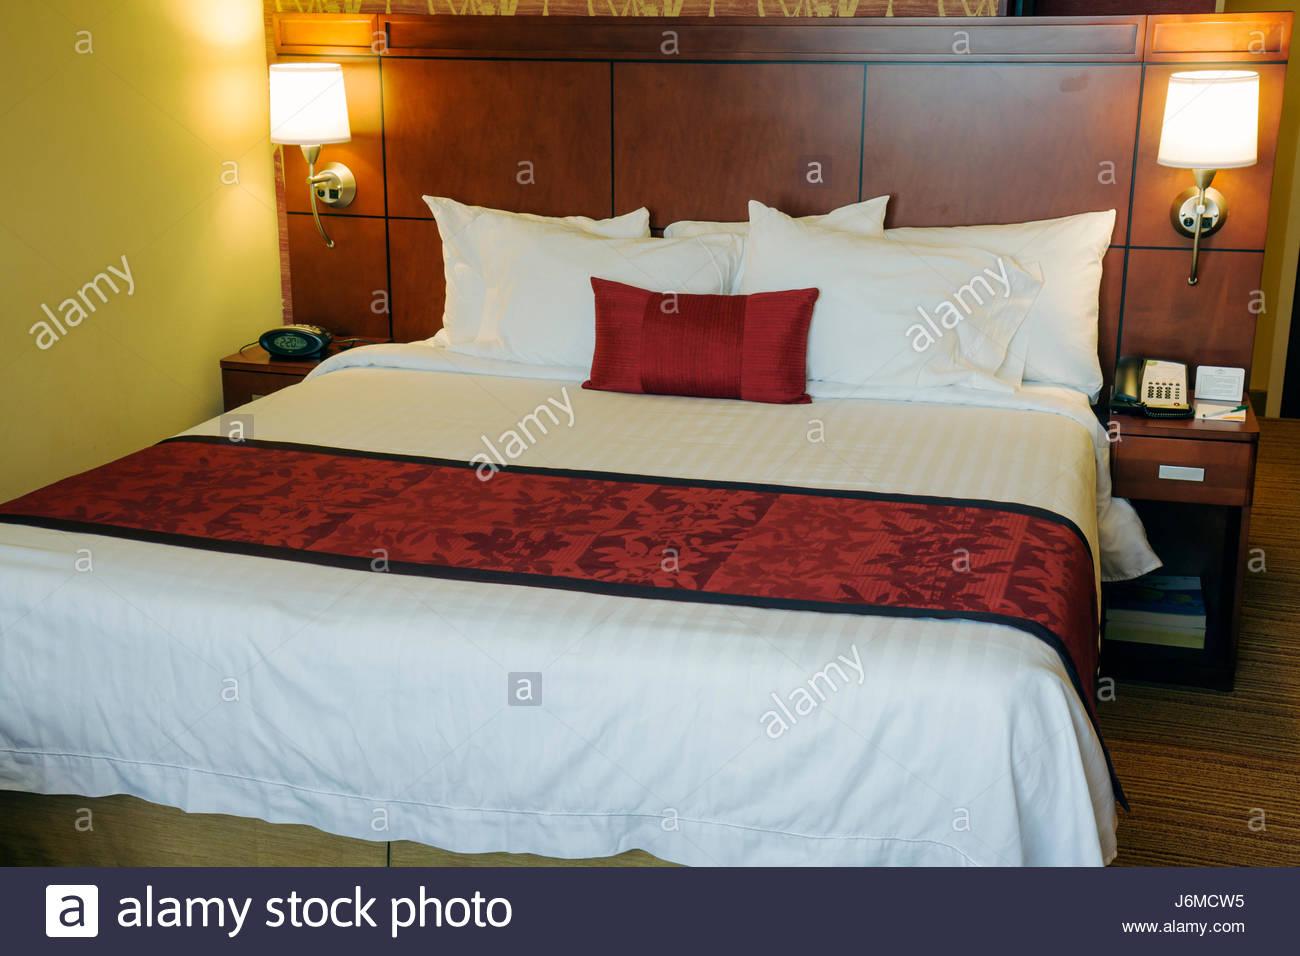 Marriott Employee Room Reservations